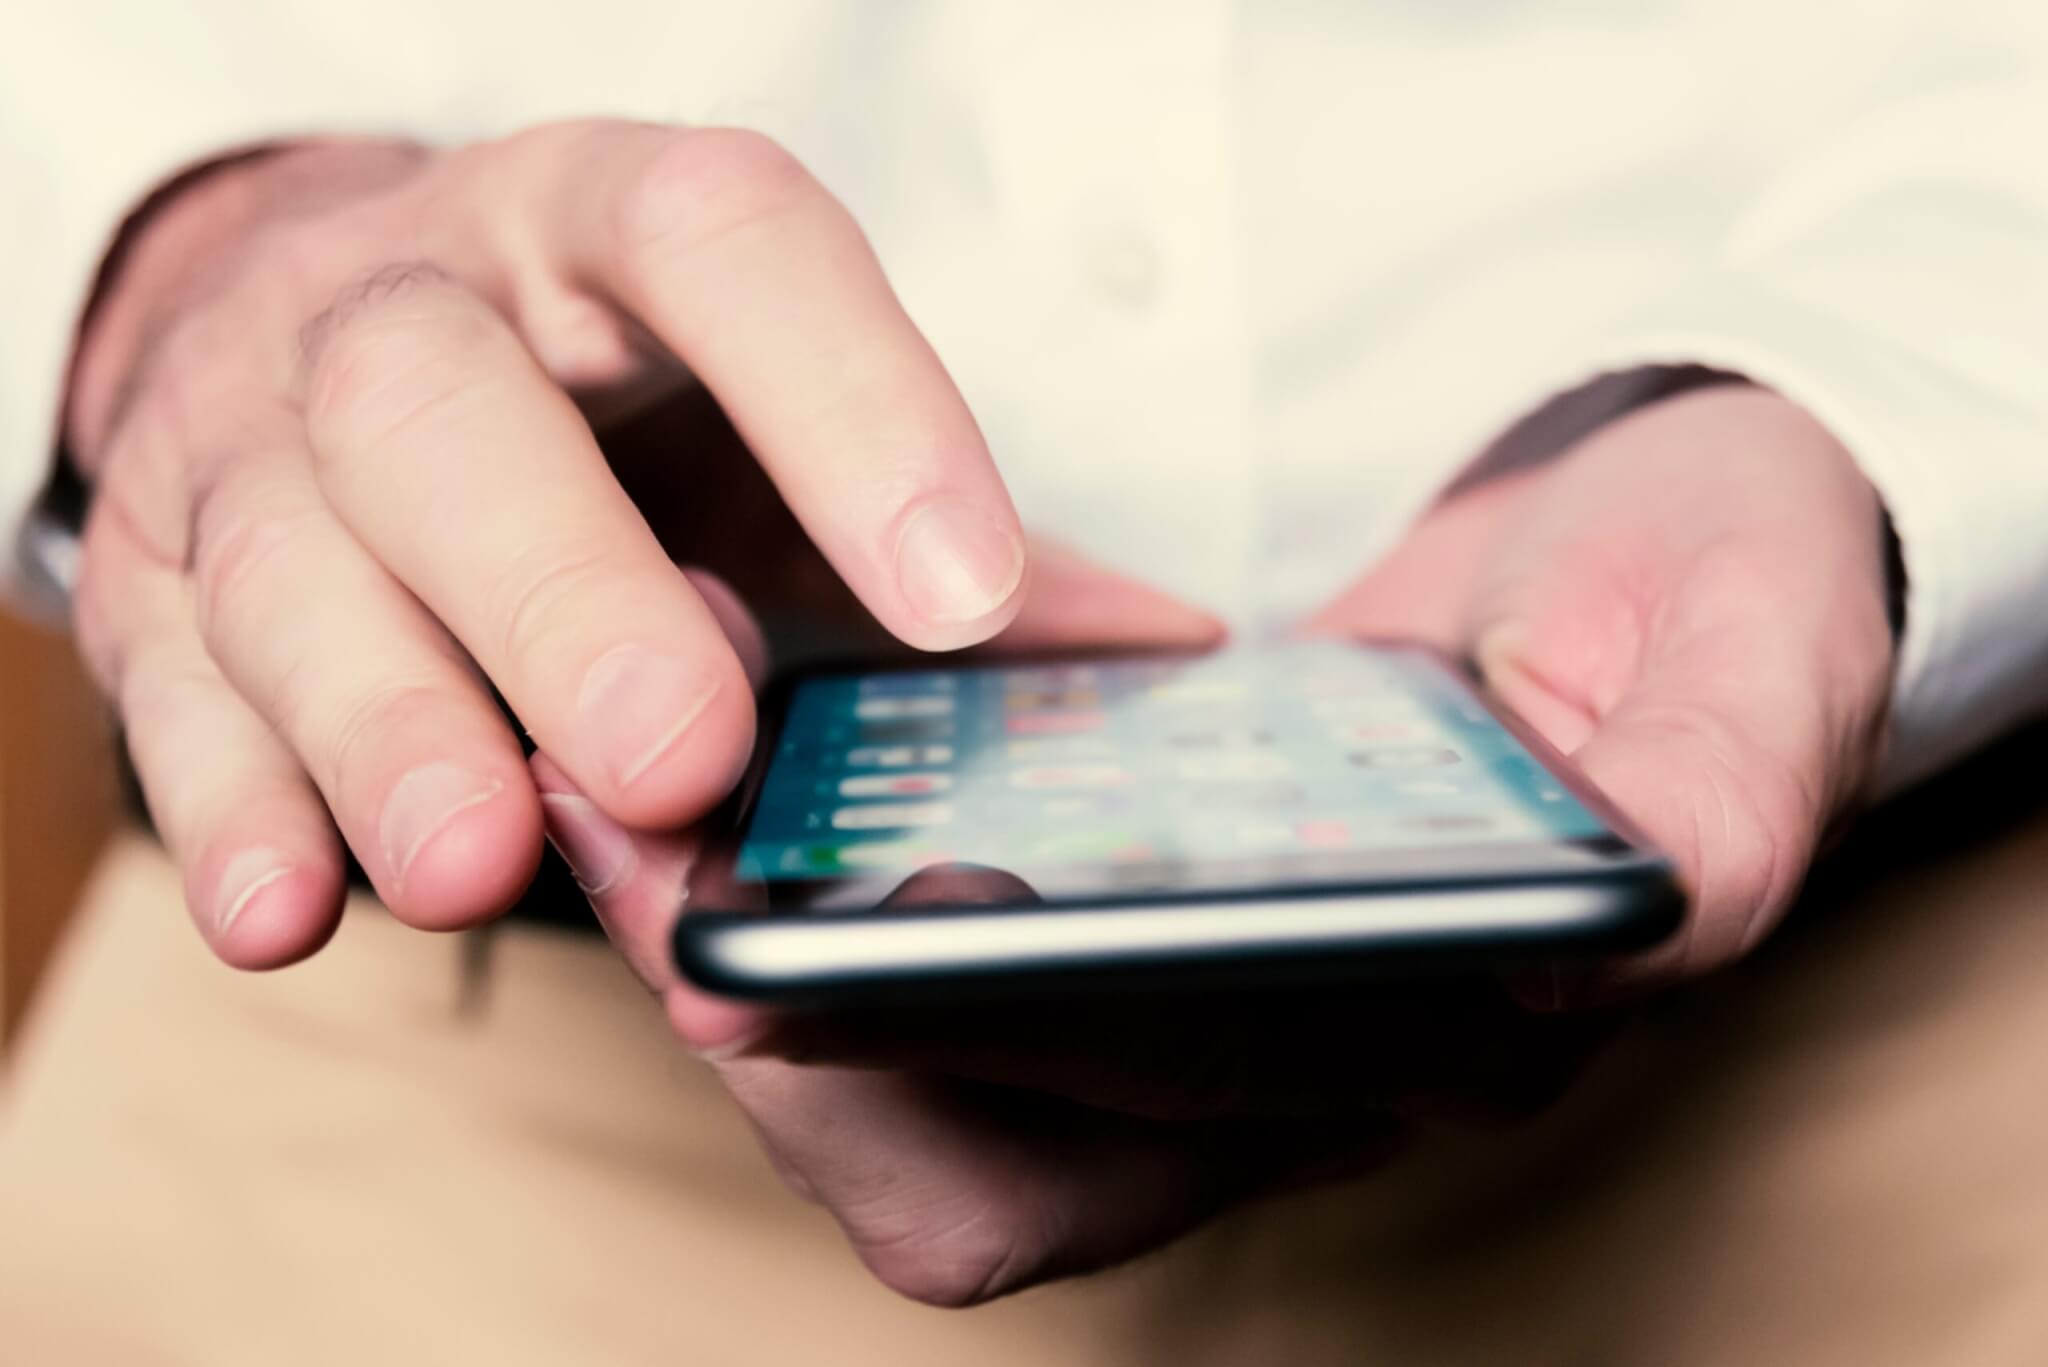 FAANG aandelen smartphone